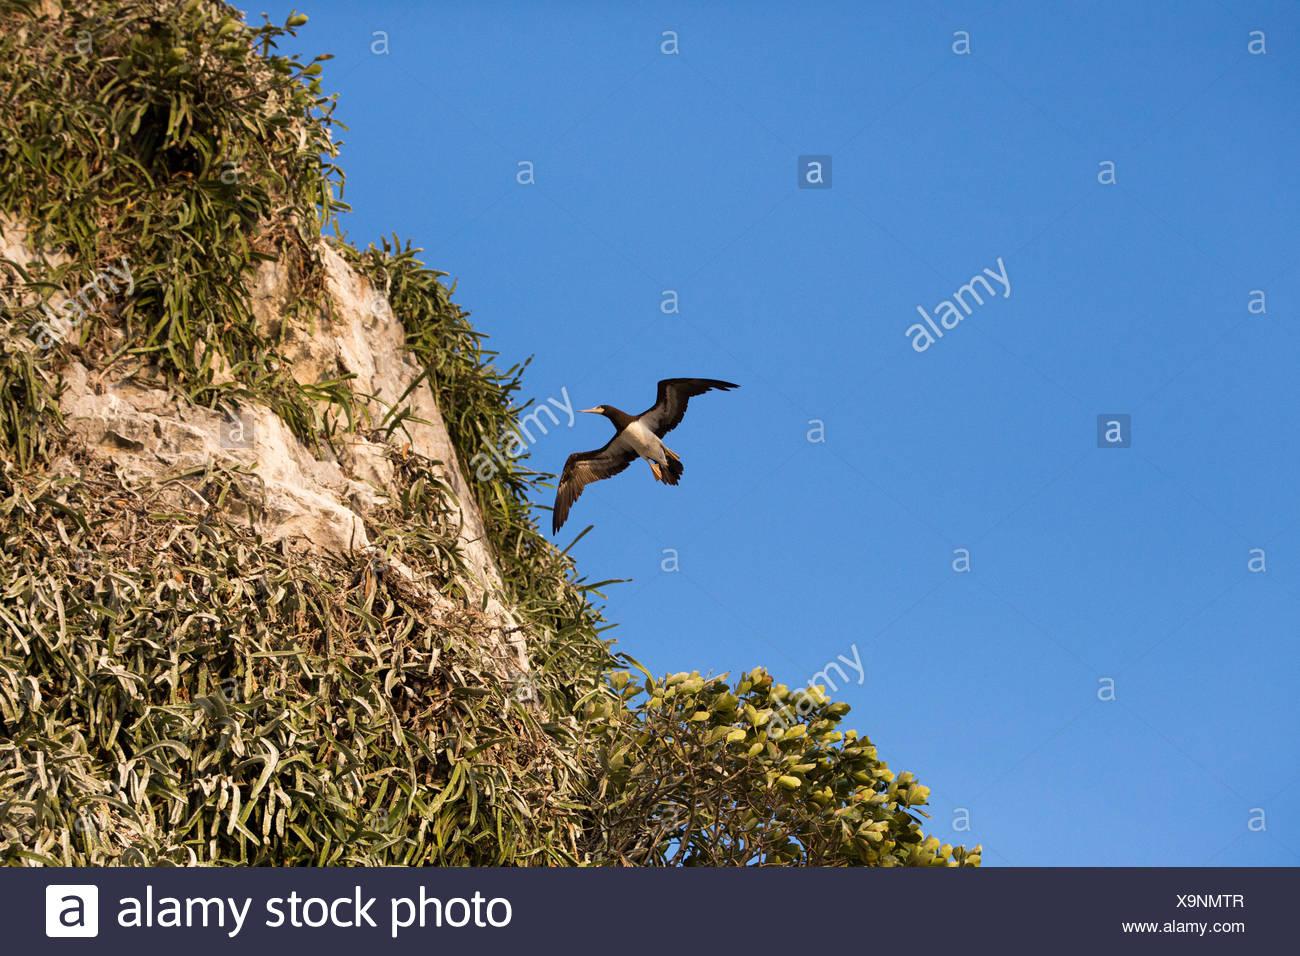 Un adulte brown boobie vole près d'une falaise abrupte de Bona Île dans le Golfe de Panama. Photo Stock